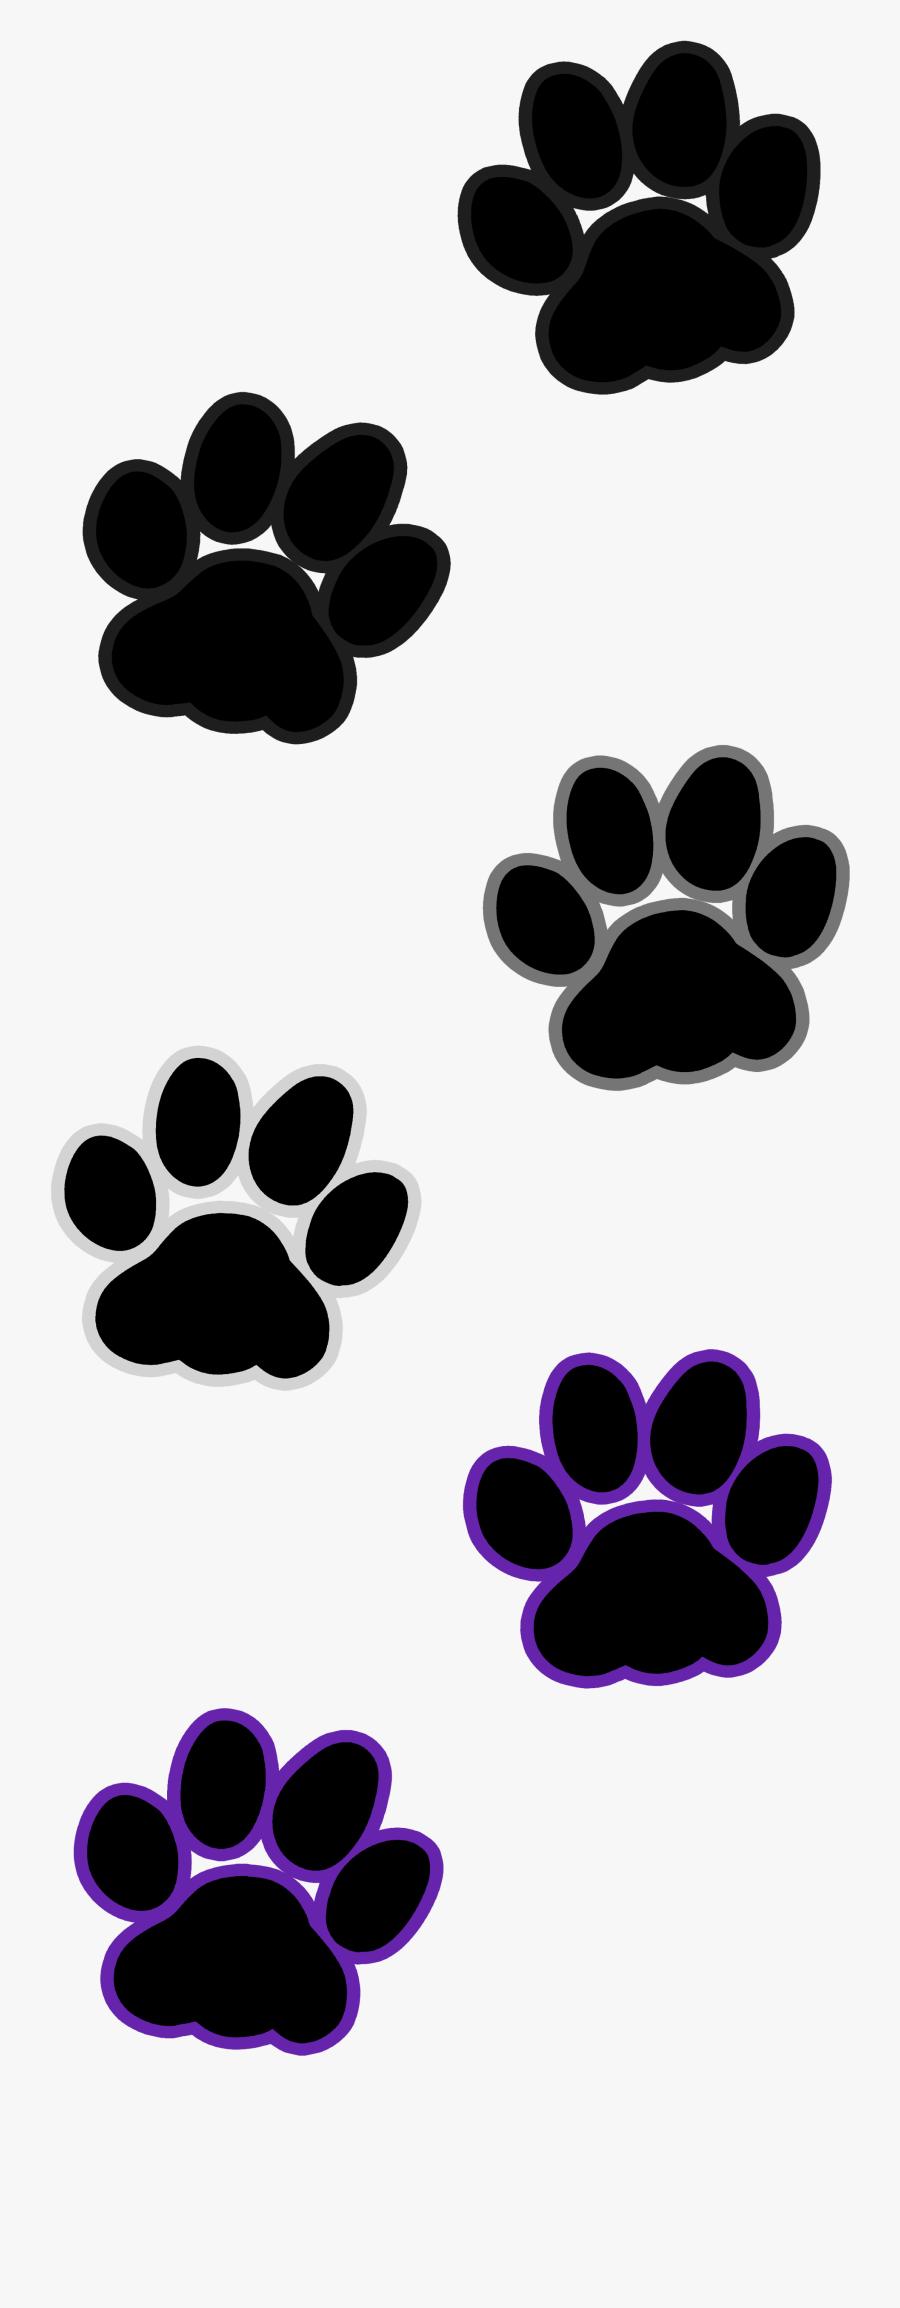 Cat Paw Prints Transparent, Transparent Clipart